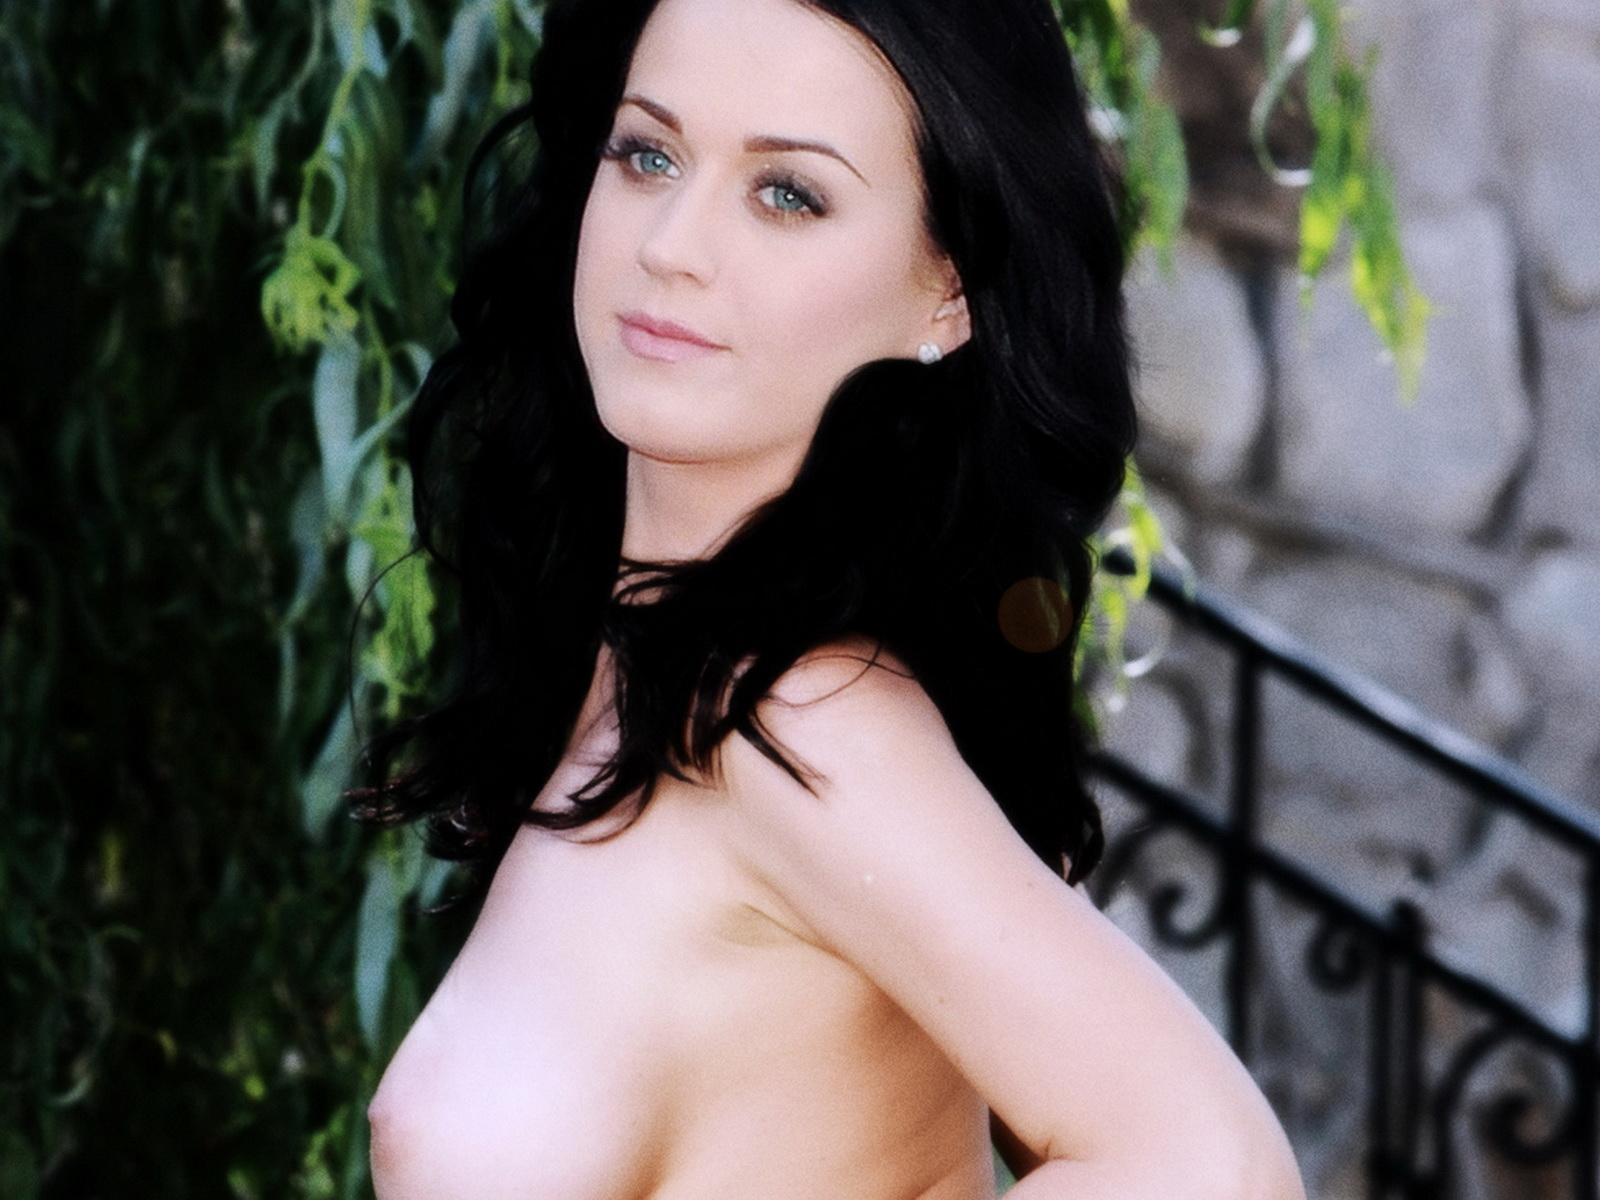 http://4.bp.blogspot.com/-ys7K9QeSURU/TrYhY8-O9II/AAAAAAAACr8/bUtBkxL7HTs/s1600/Katy+Perry+topless+in+the+park.jpg